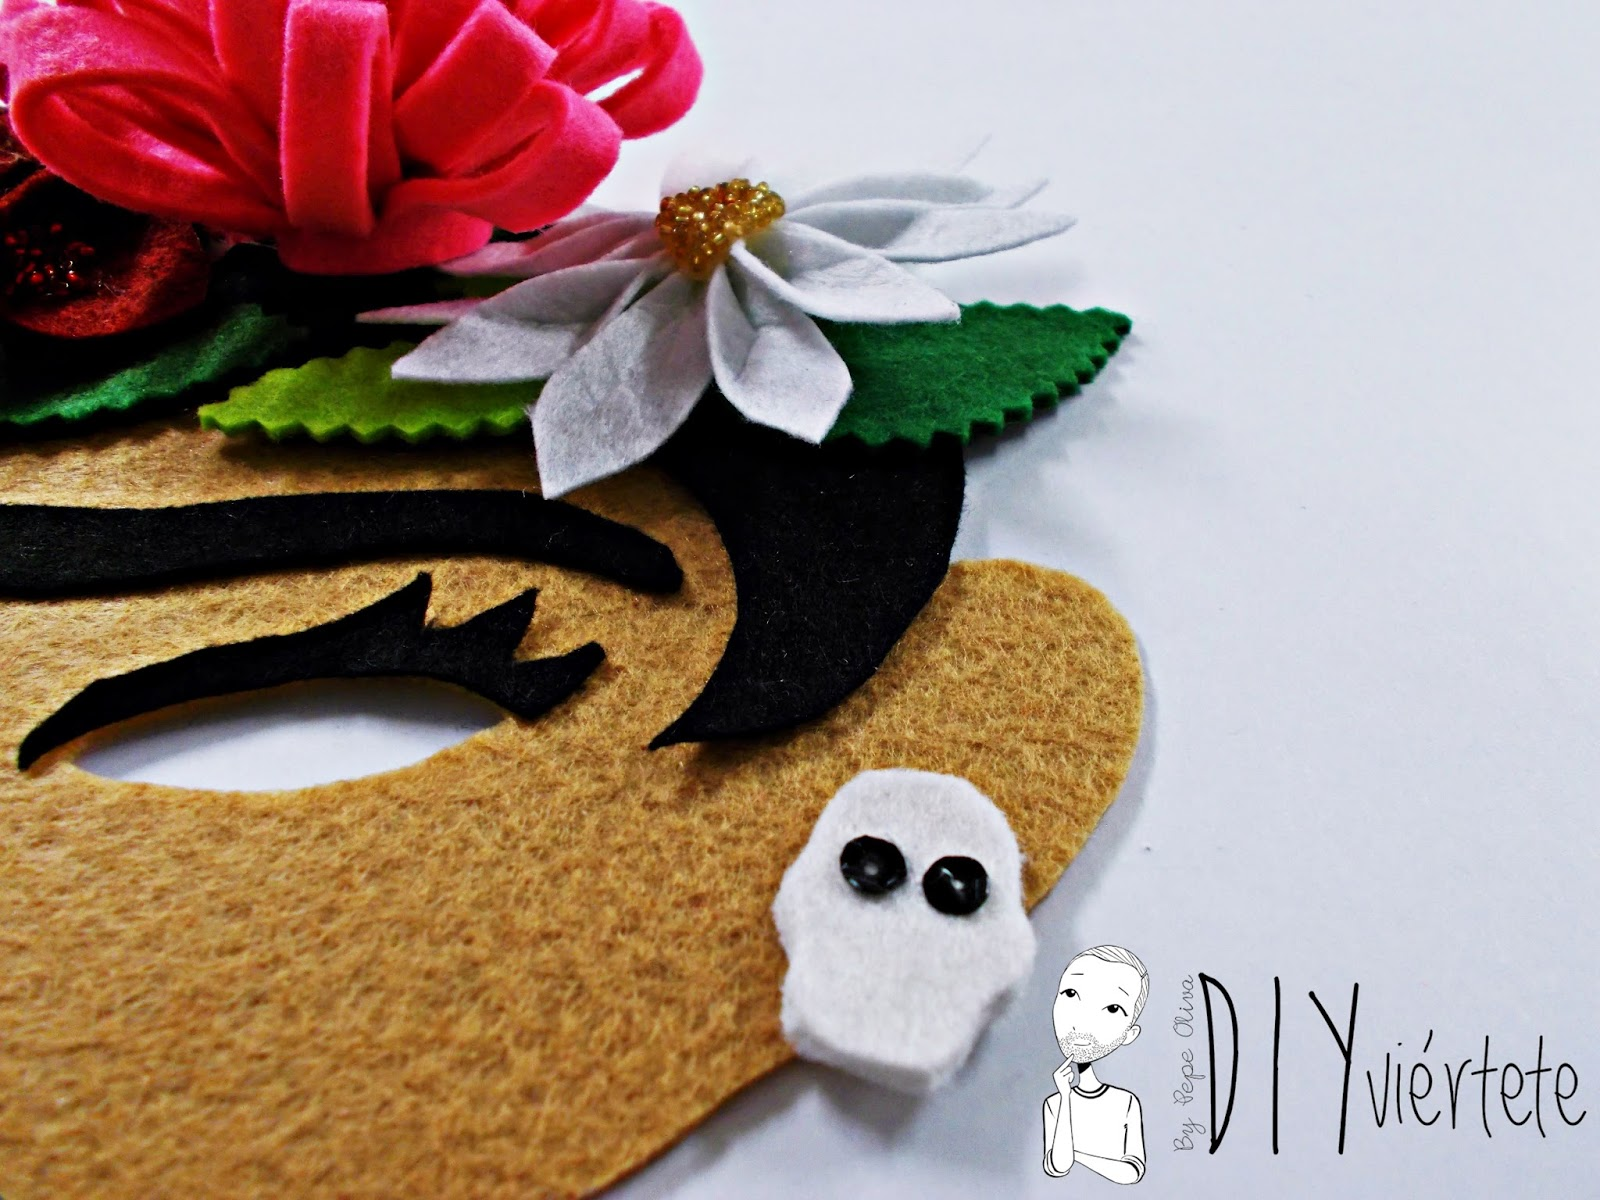 blogersando-máscara-carnaval-frida kaloh-fieltro-flores